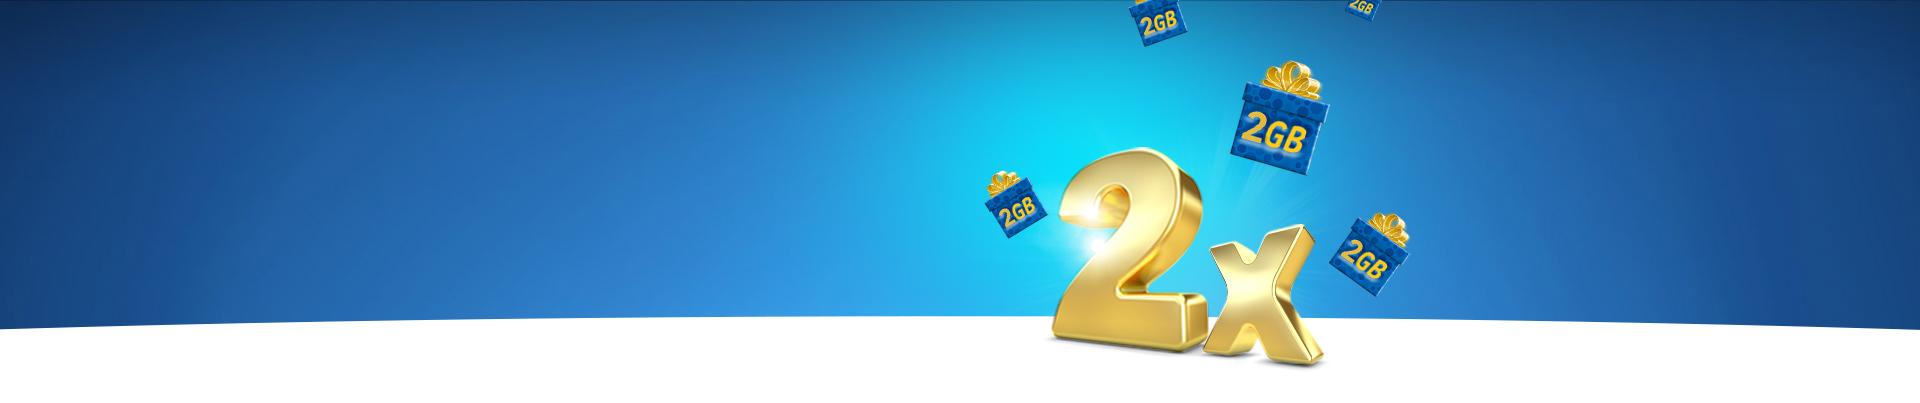 Ödeme Talimatınıza 2 GB İnternet Hediye - Turkcell faturalarınıza, otomatik ödeme talimatı vererek ilk fatura ödemenizle birlikte aylık 2 GB internet hediyesinden yararlanmaya başlayabilirsiniz.